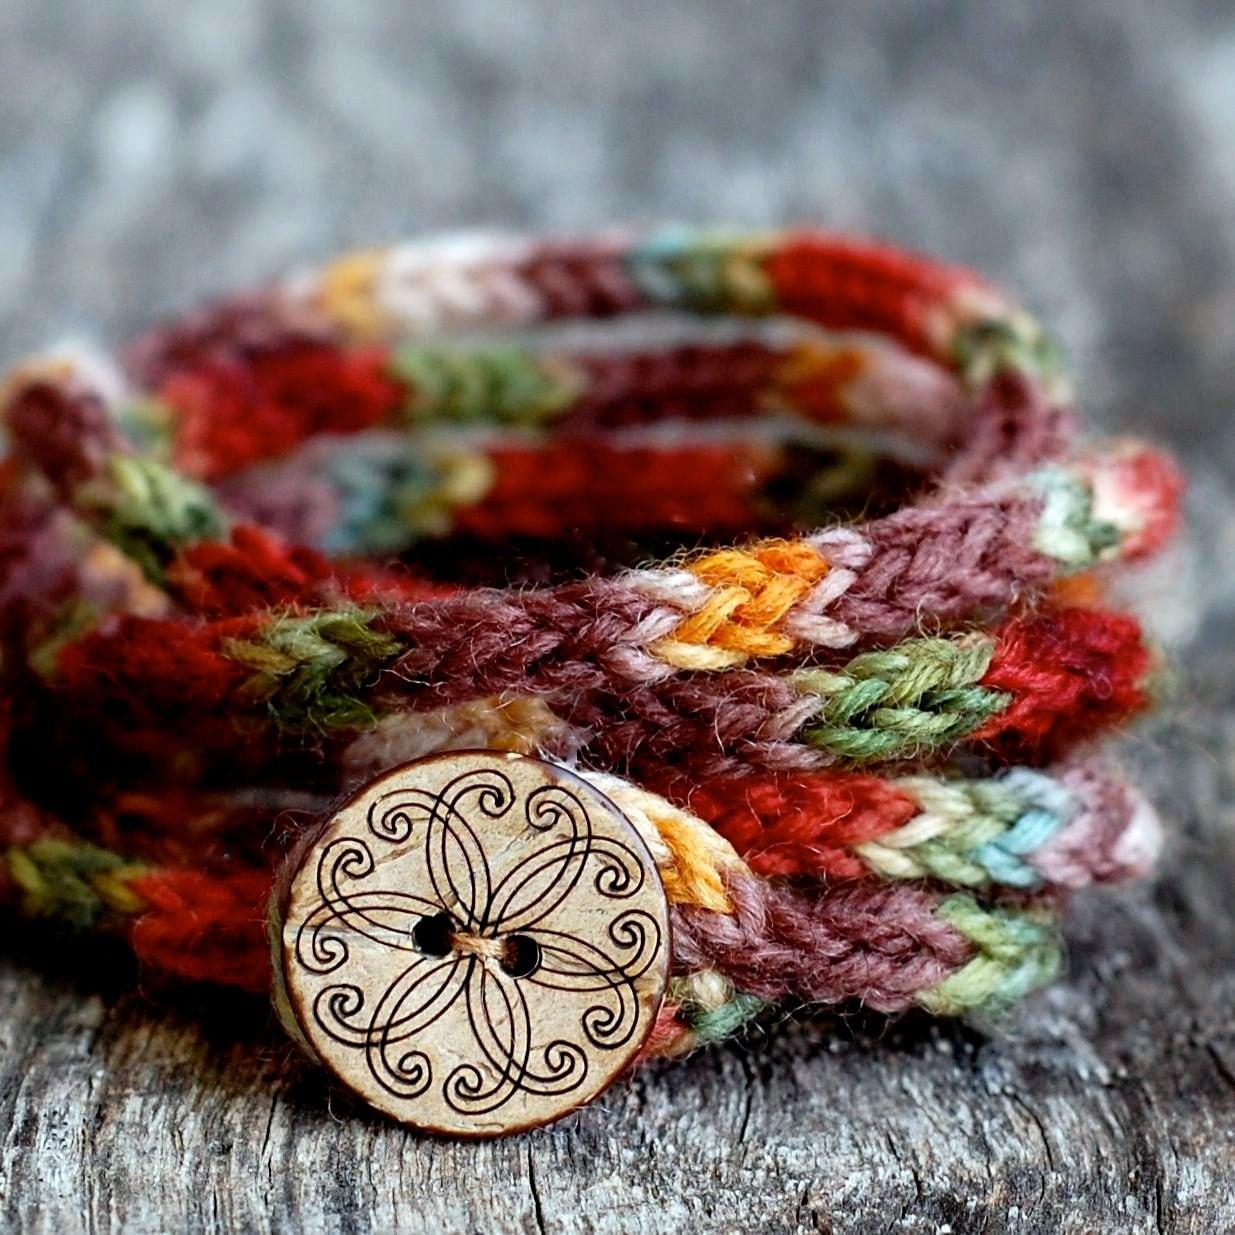 Women's Wrap Bracelet - KNITTING PATTERN - Rustic I Cord